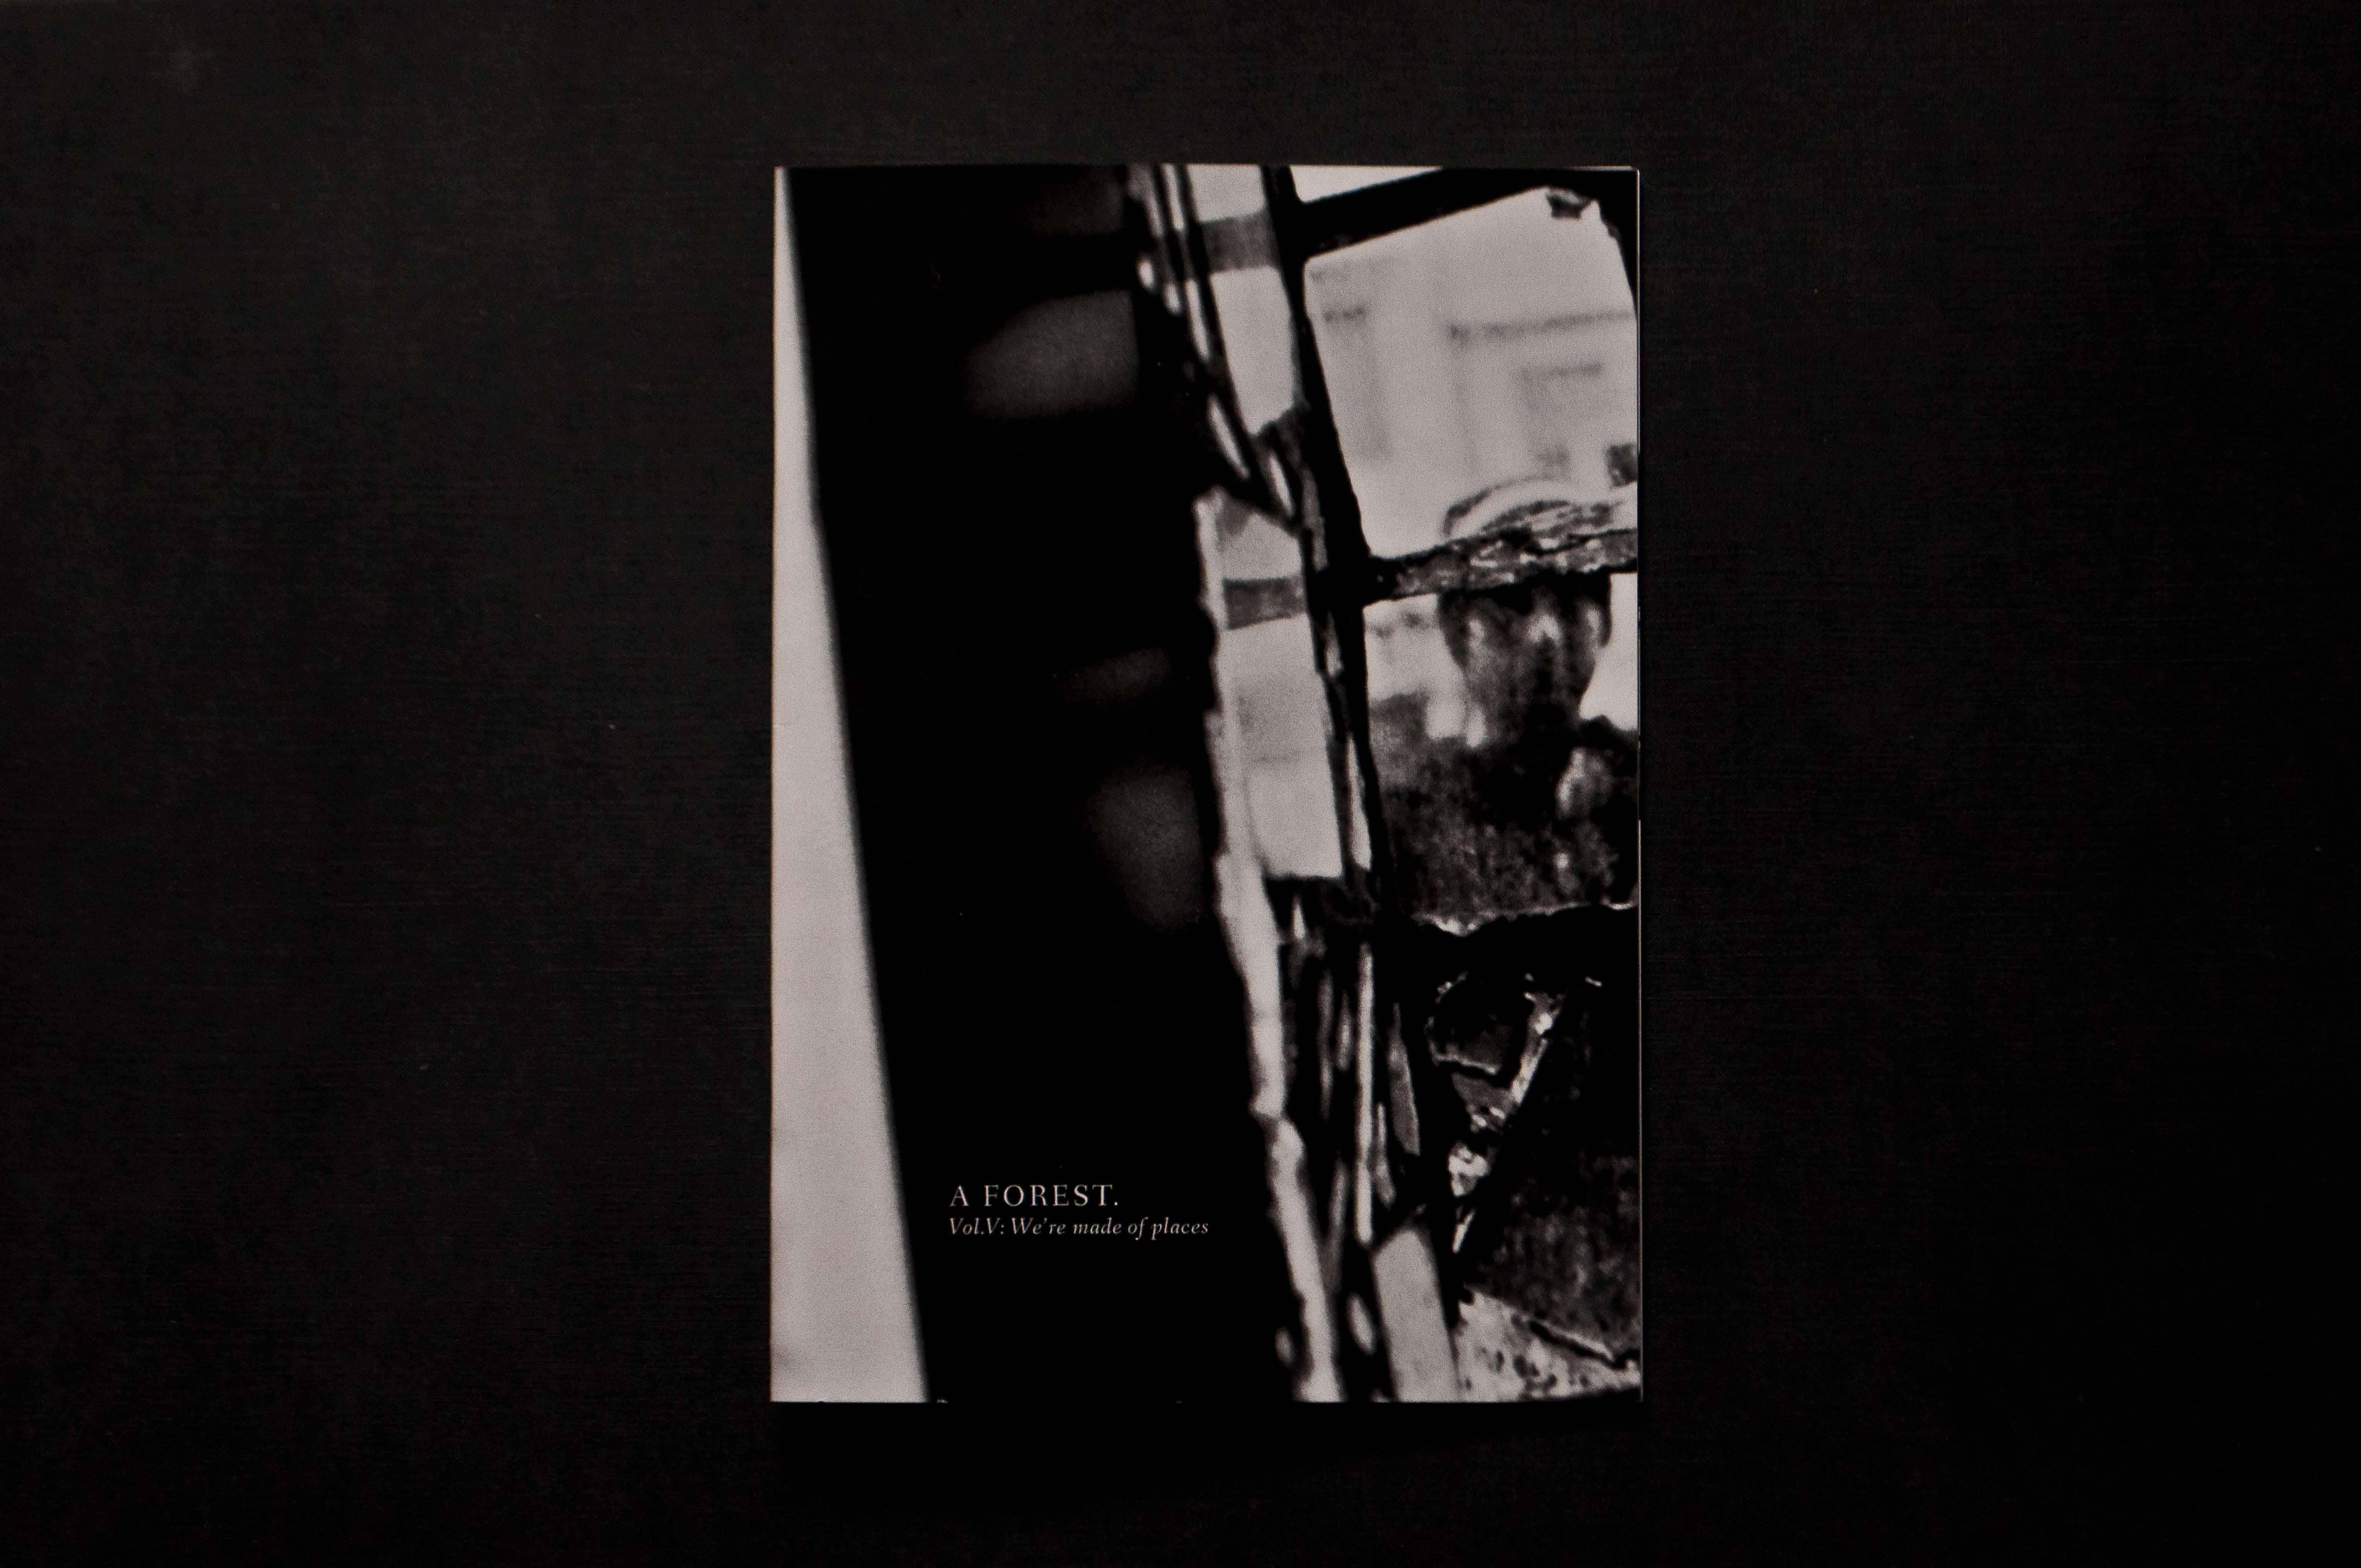 fabrizio musu photobooks photography phosmag forest